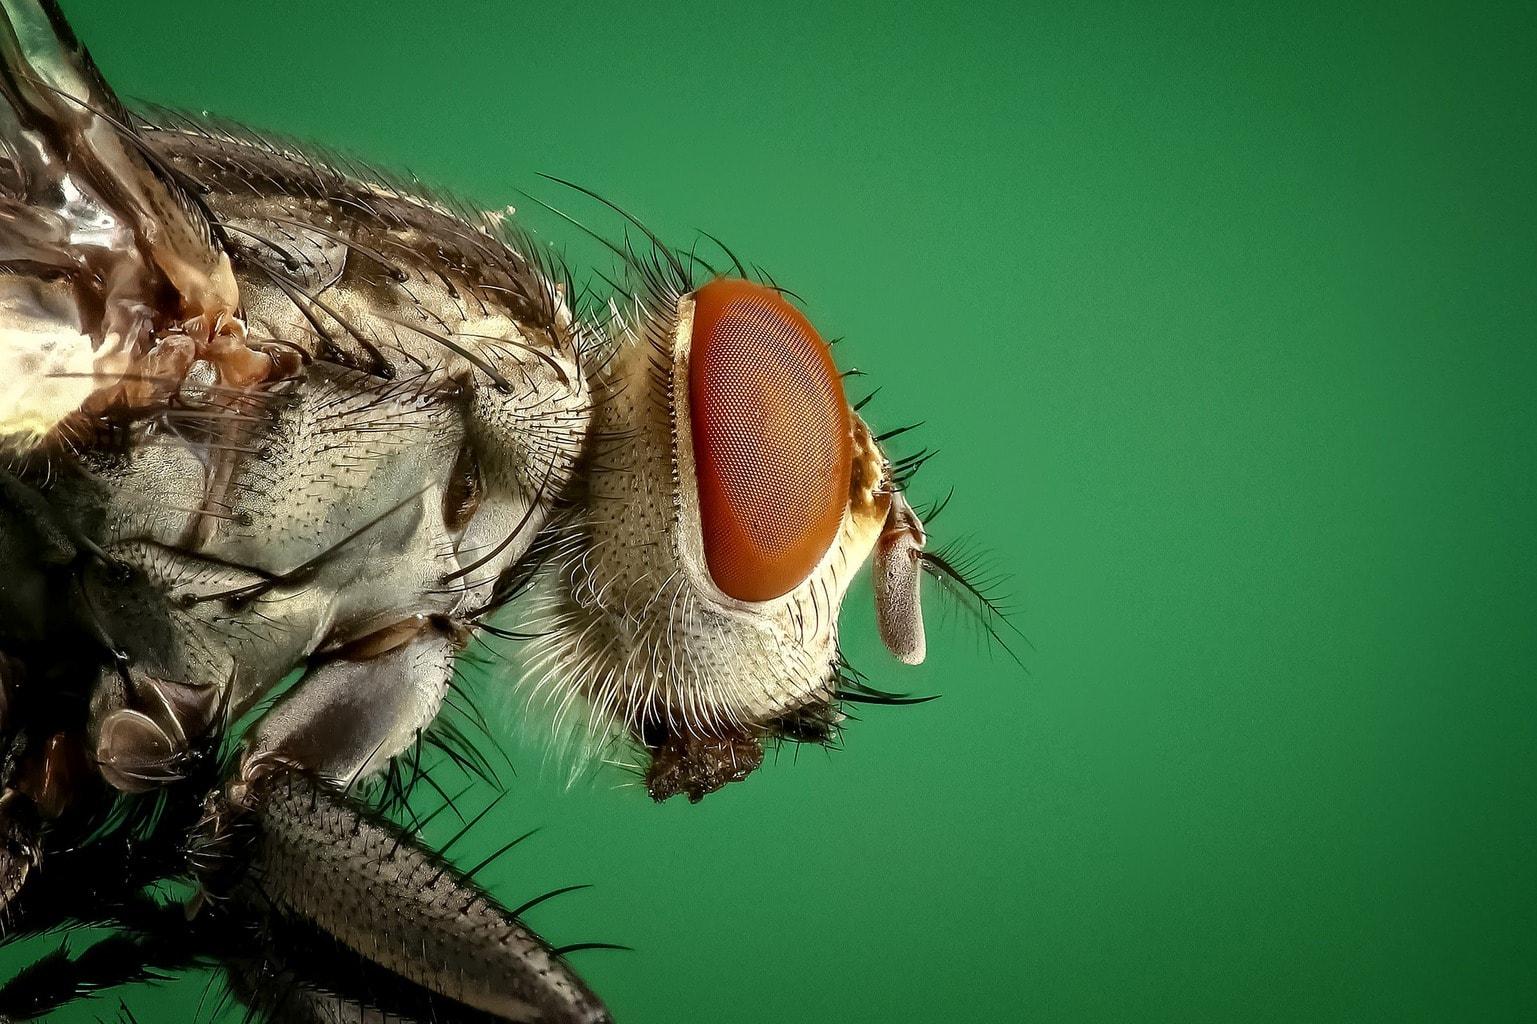 housefly-1127619_1920 (1)